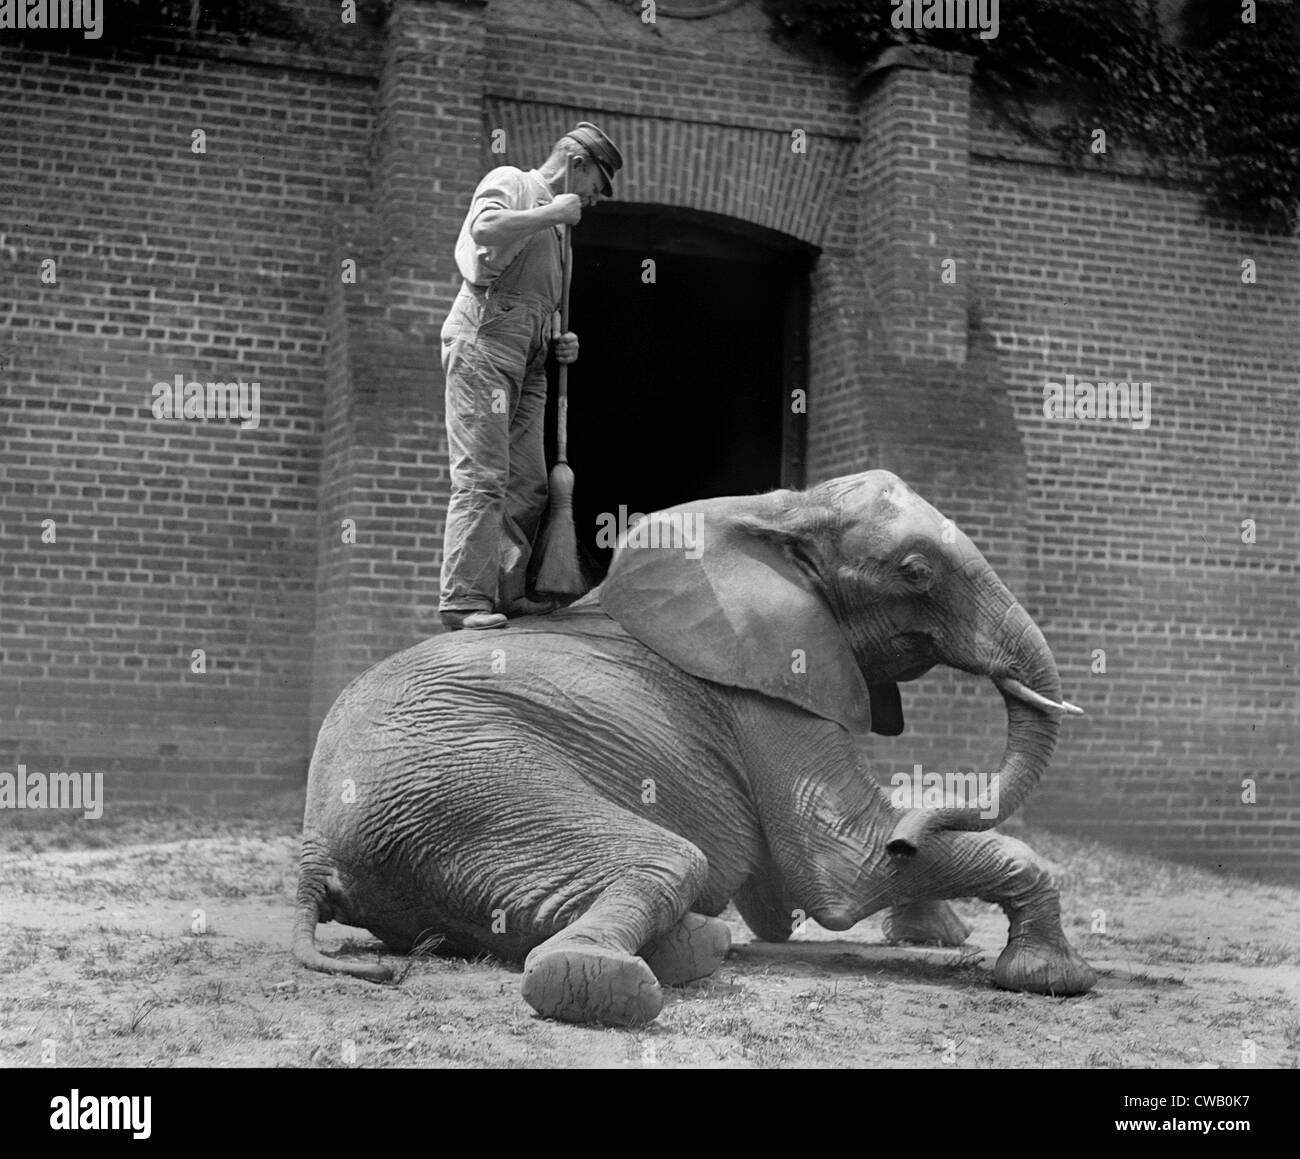 Entrenador de un elefante, y el elefante Jumebina, 1922. Imagen De Stock